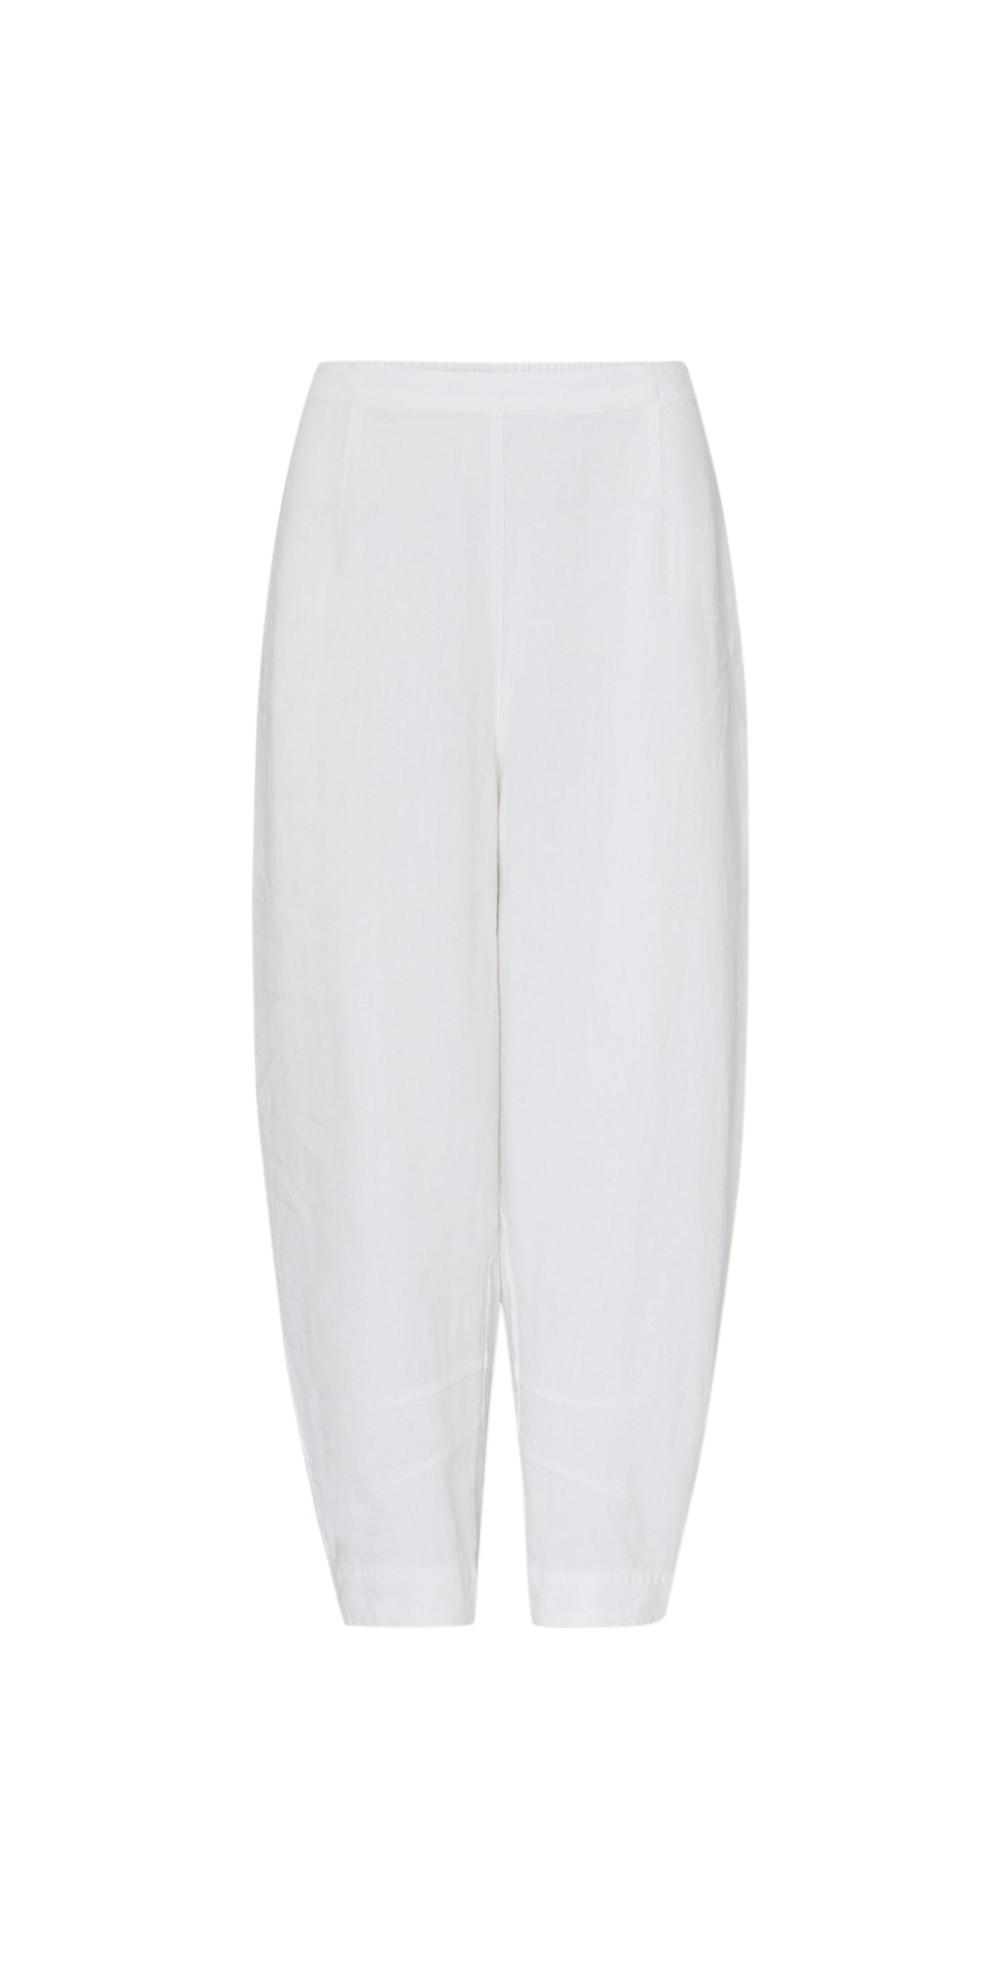 Texture Linen Crop Bubble Pant main image